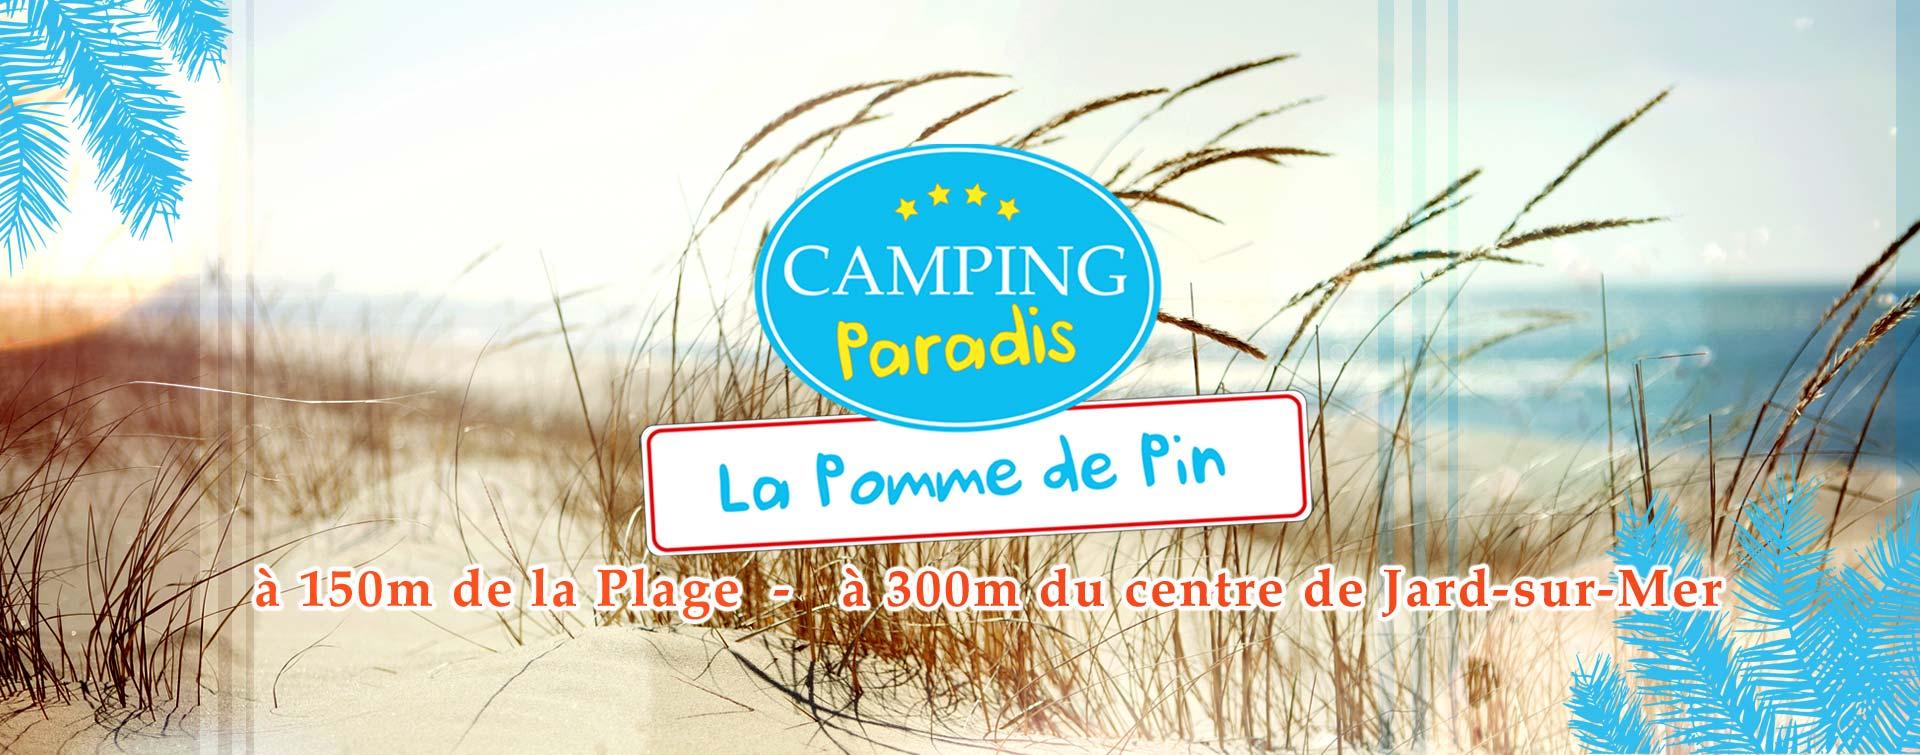 Camping Paradis Jard sur Mer